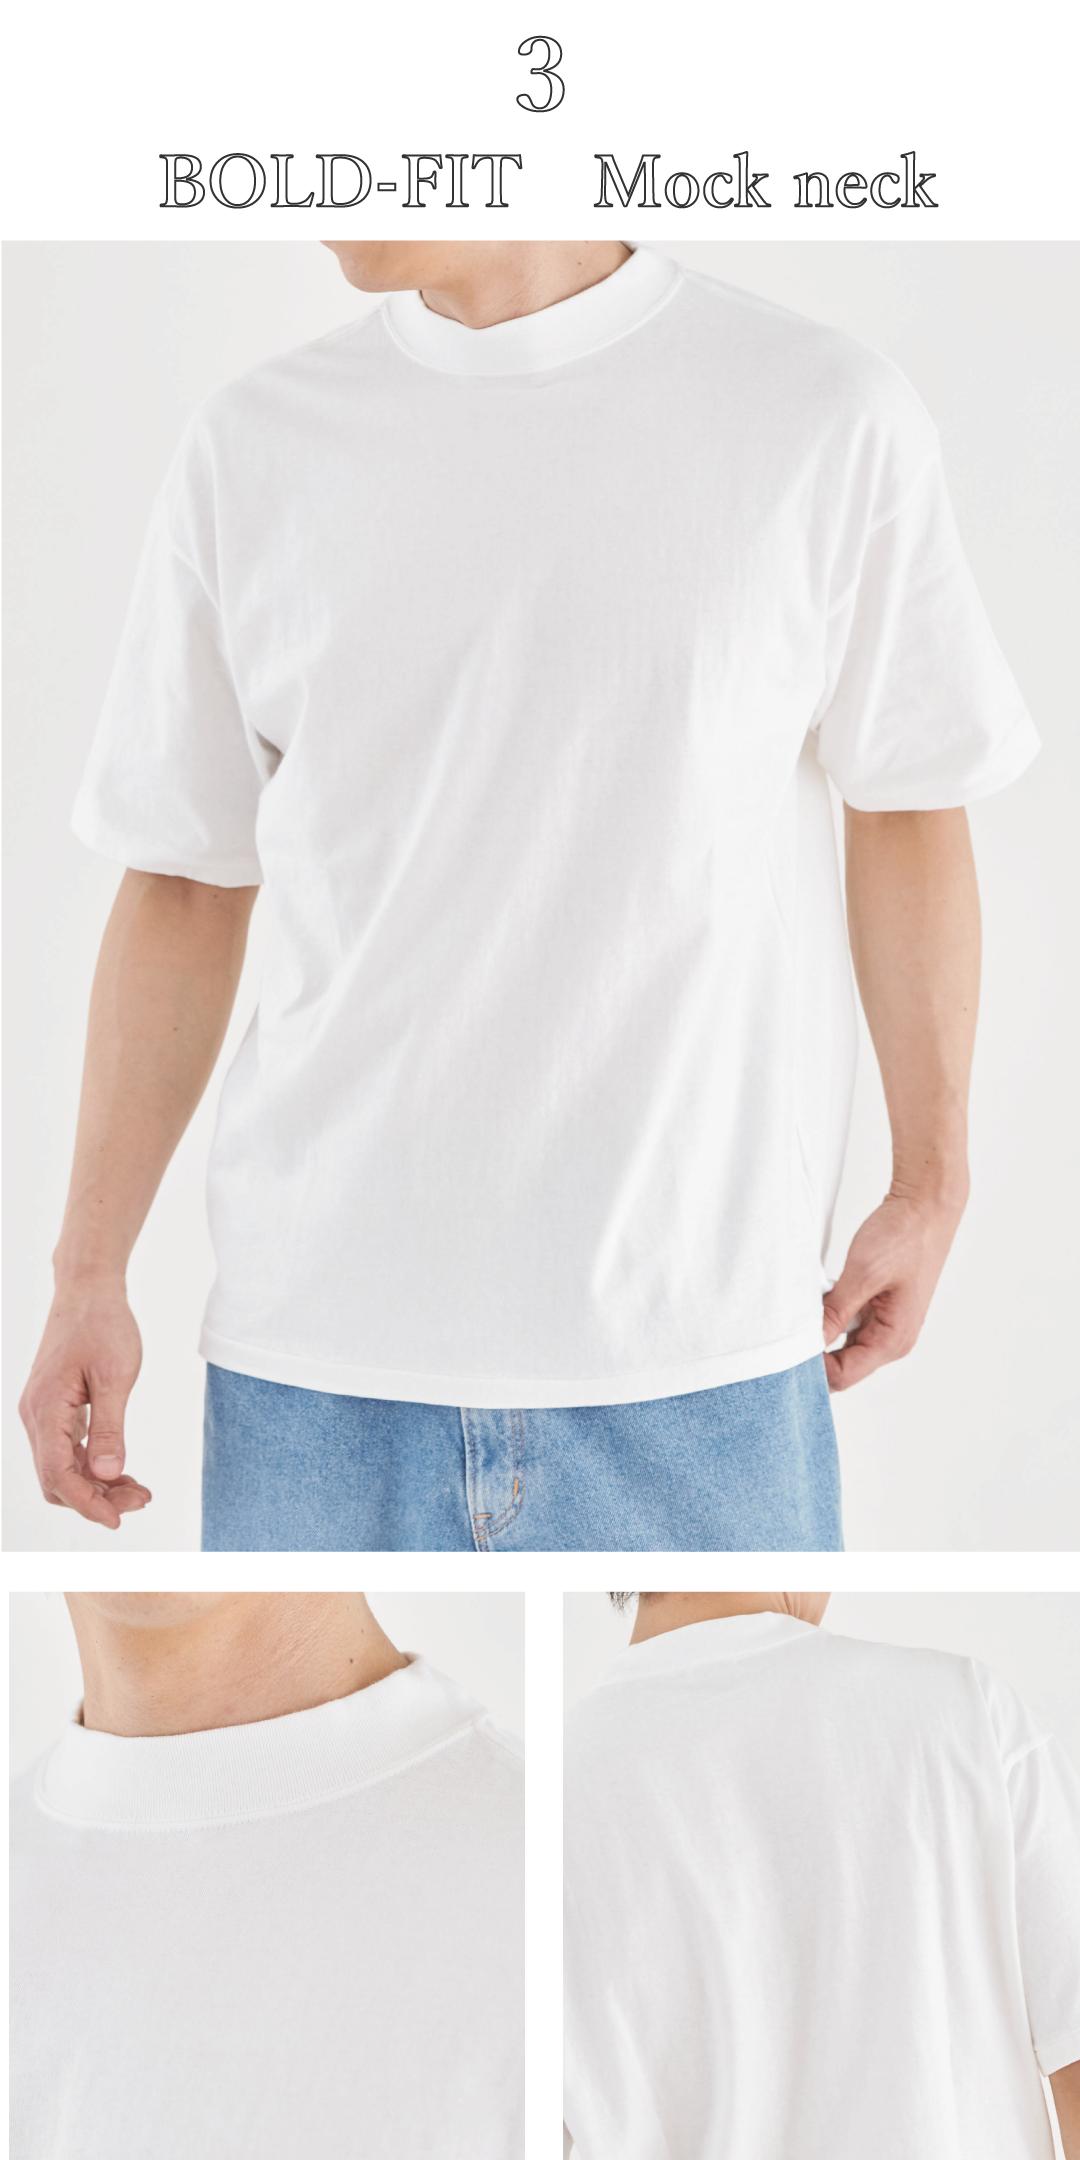 吊り編み 白Tシャツ 日本製 モックネック ボールドフィット